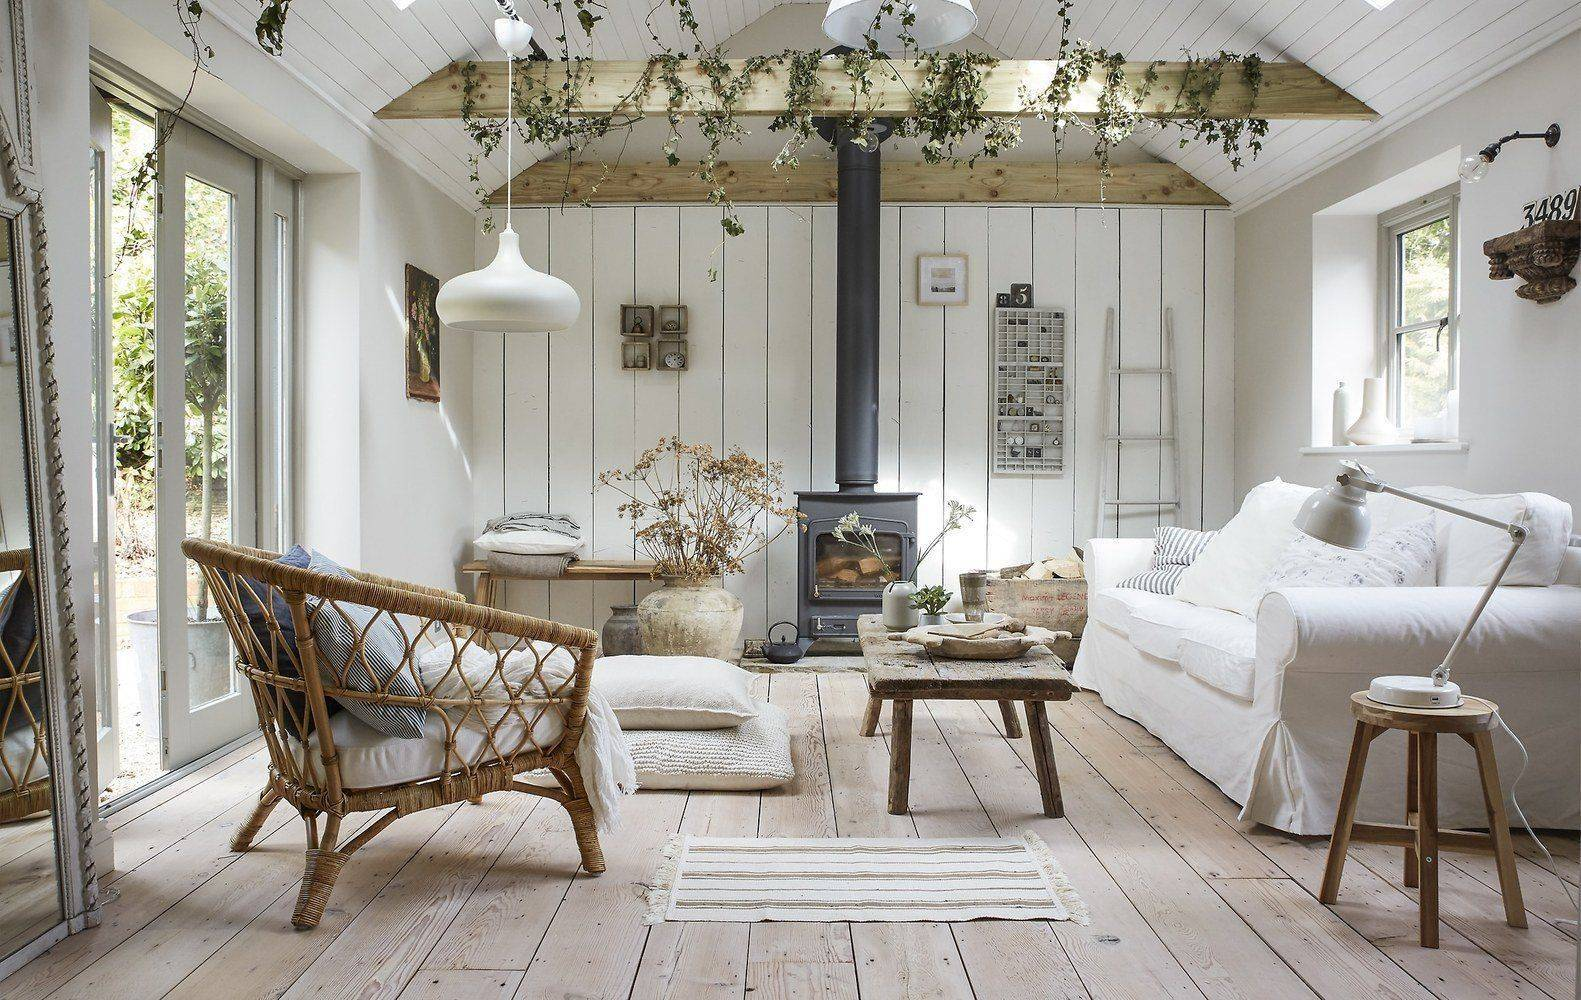 Стиль прованс в интерьере загородного дома: фото идеи лучших дизайнов